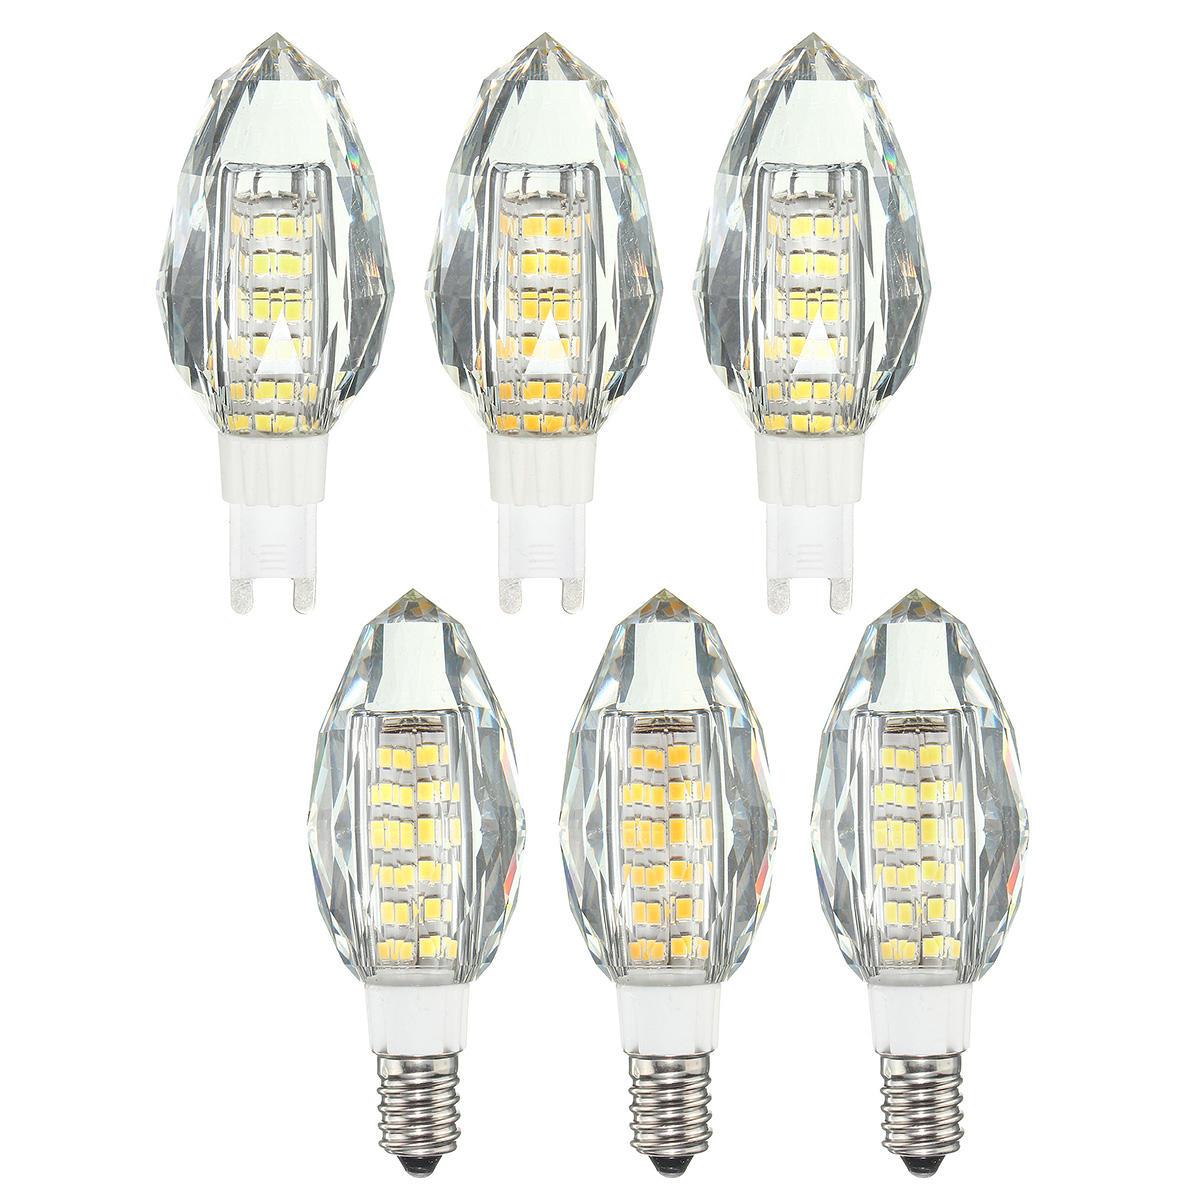 AC220V E14 G9 Non dimmerabile 5.5W SMD2835 76 luce a led Lampadina per lampadario a sospensione